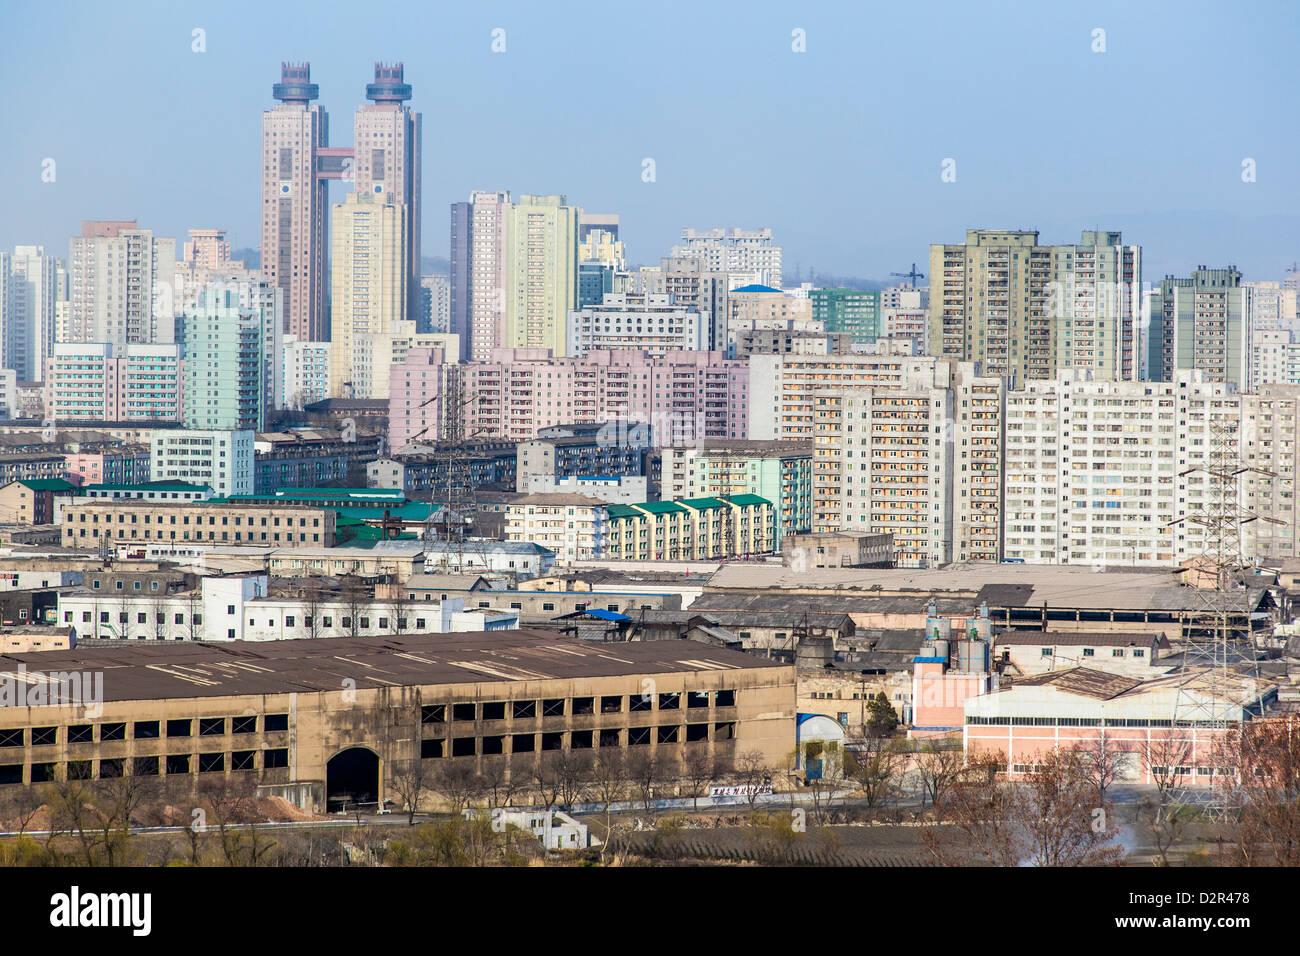 Appartamento di città edifici, Pyongyang, Repubblica Popolare Democratica di Corea (DPRK), la Corea del Nord, Immagini Stock